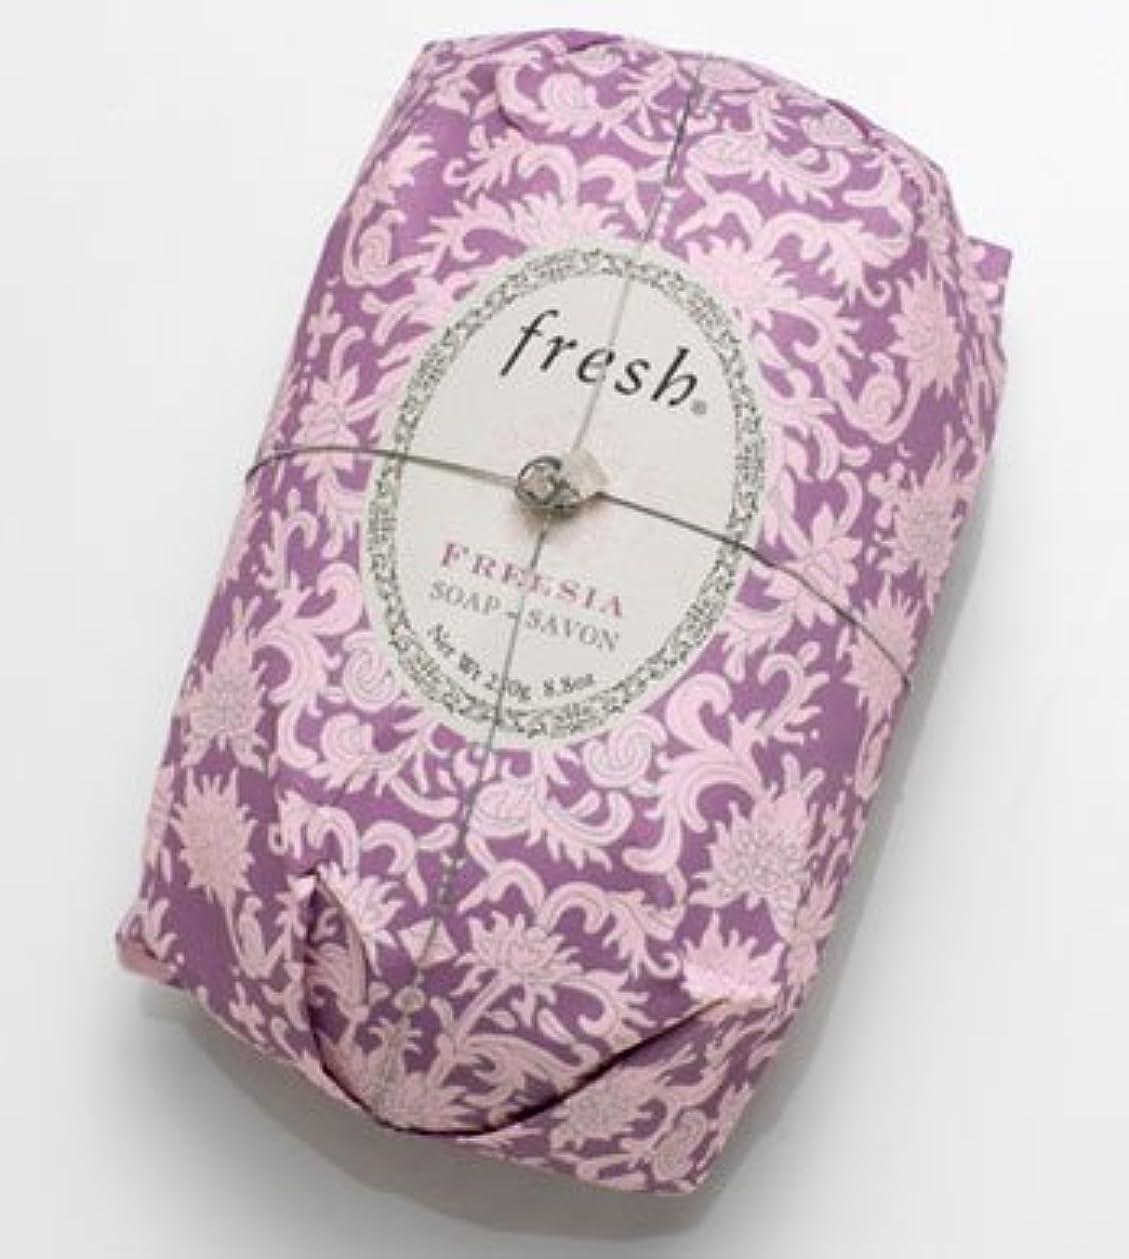 エンゲージメント同じ自分自身Fresh FREESIA  SOAP (フレッシュ フリージア ソープ) 8.8 oz (250g) Soap (石鹸) by Fresh